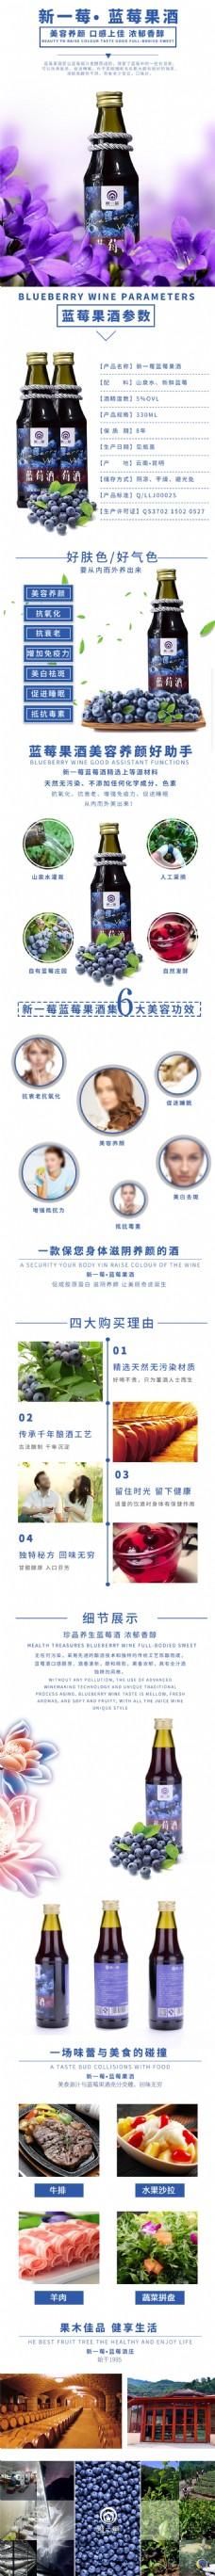 蓝莓果酒详情页